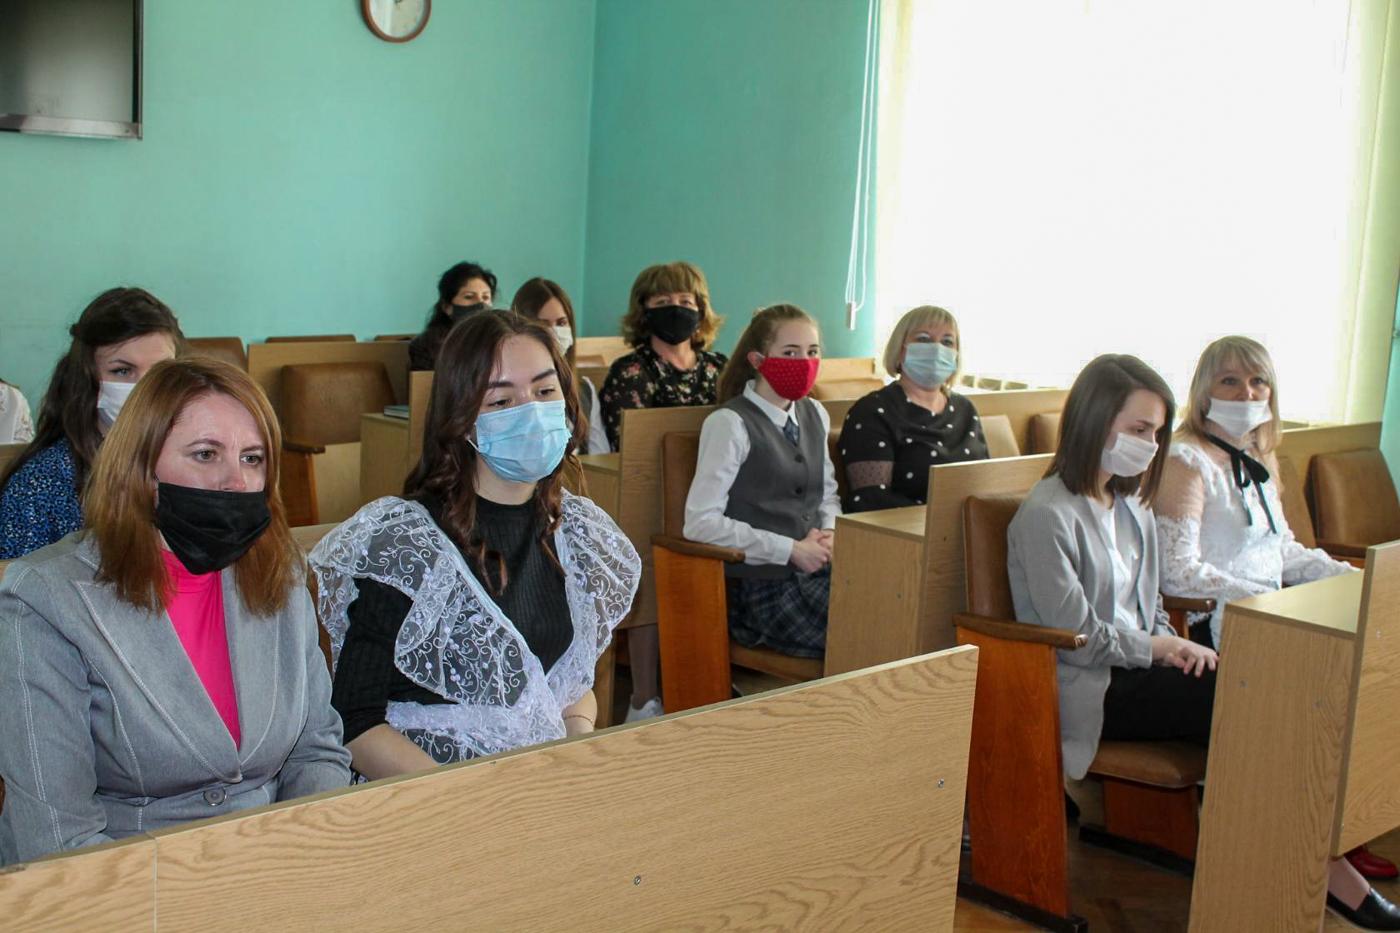 Выпускников и педагогов поздравили с окончанием учебного года в Ровеньках 2